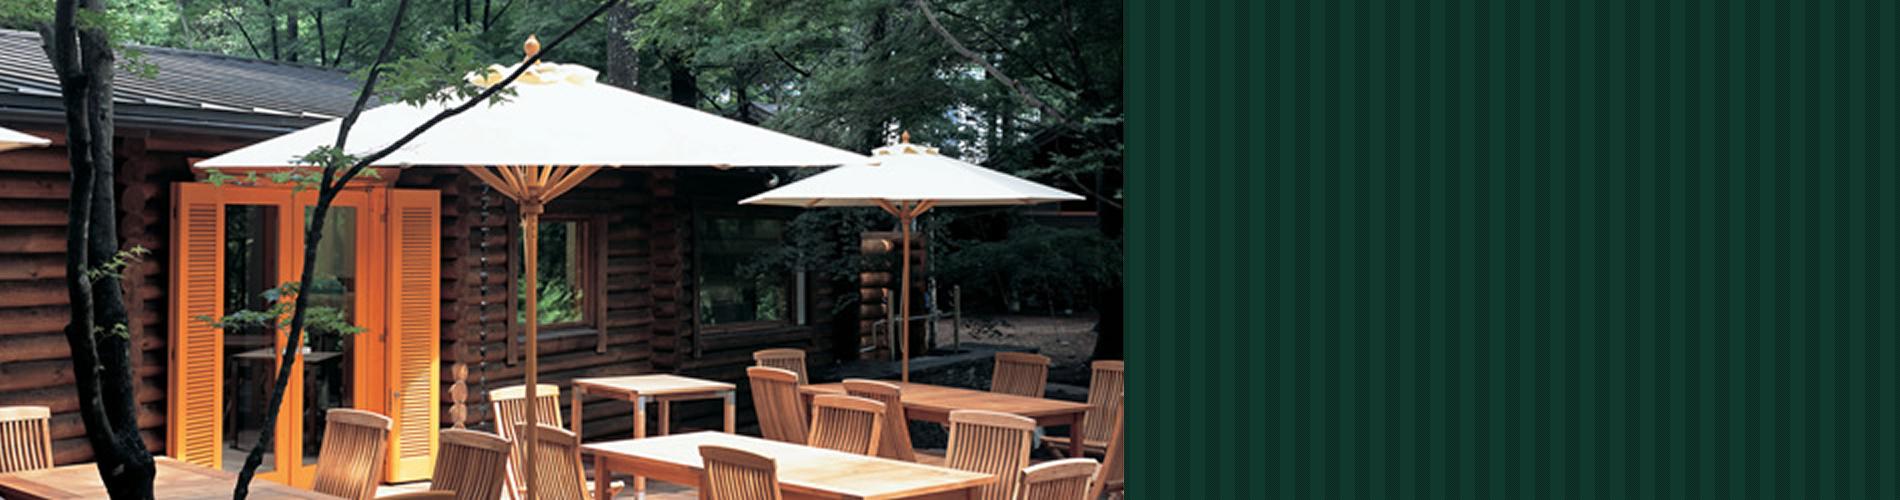 人気のデッキ、ガーデンスタイルに良く似合うこだわりアイテムとして使う